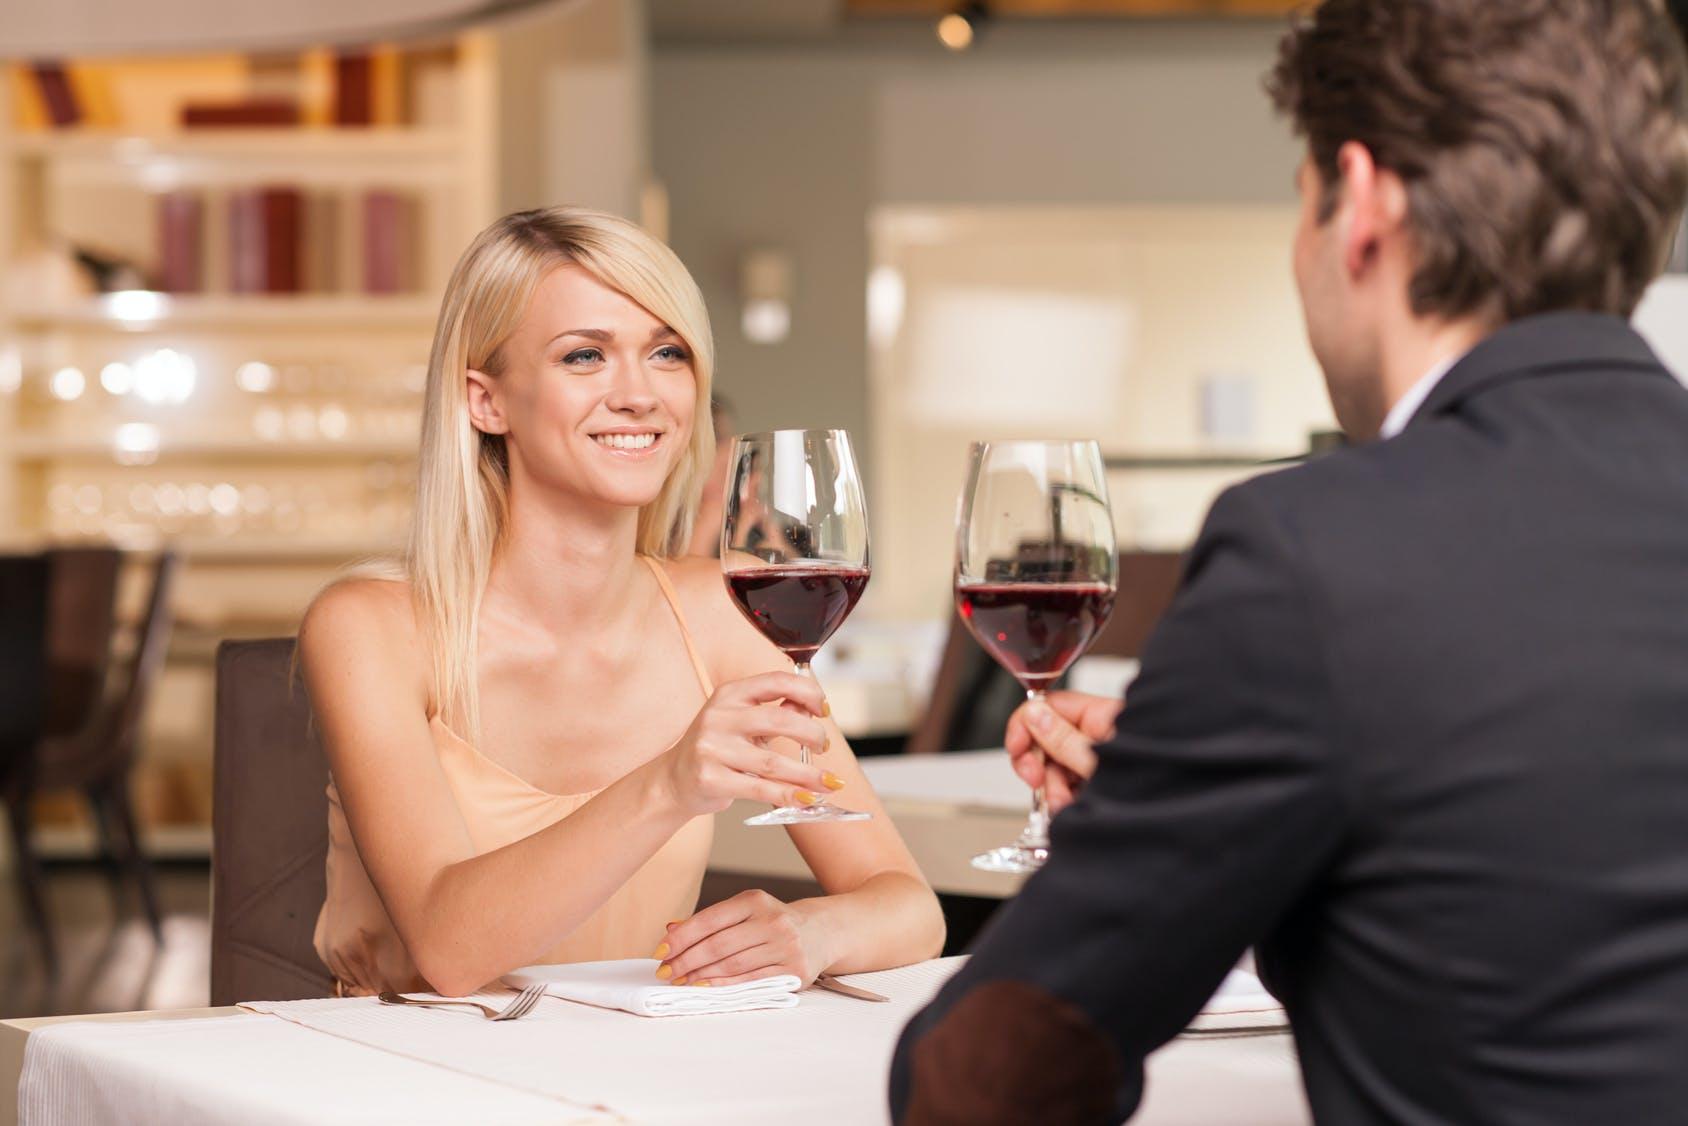 Απολαύστε το πρώτο σας ραντεβού